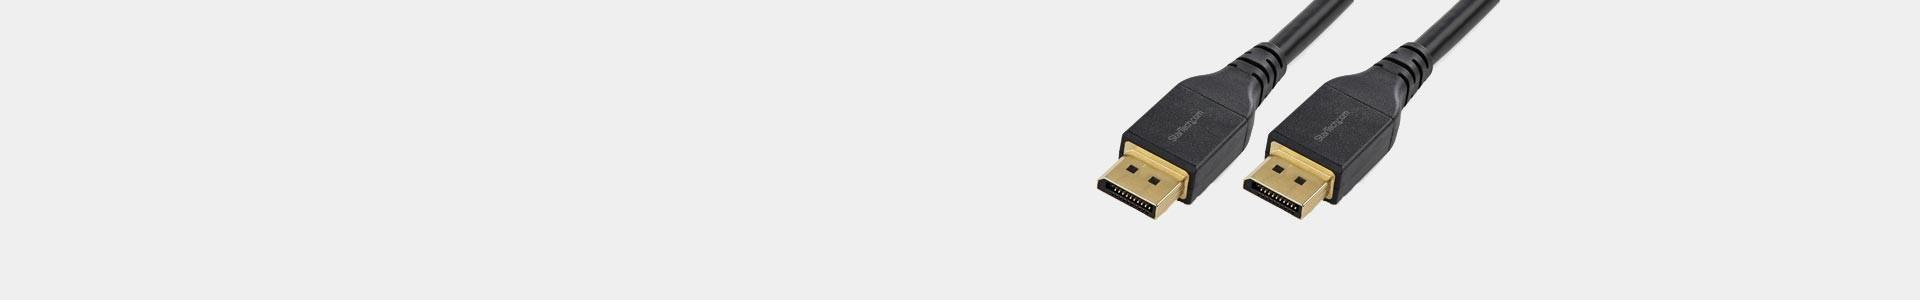 Cavi DisplayPort per applicazioni audiovisive - Avacab